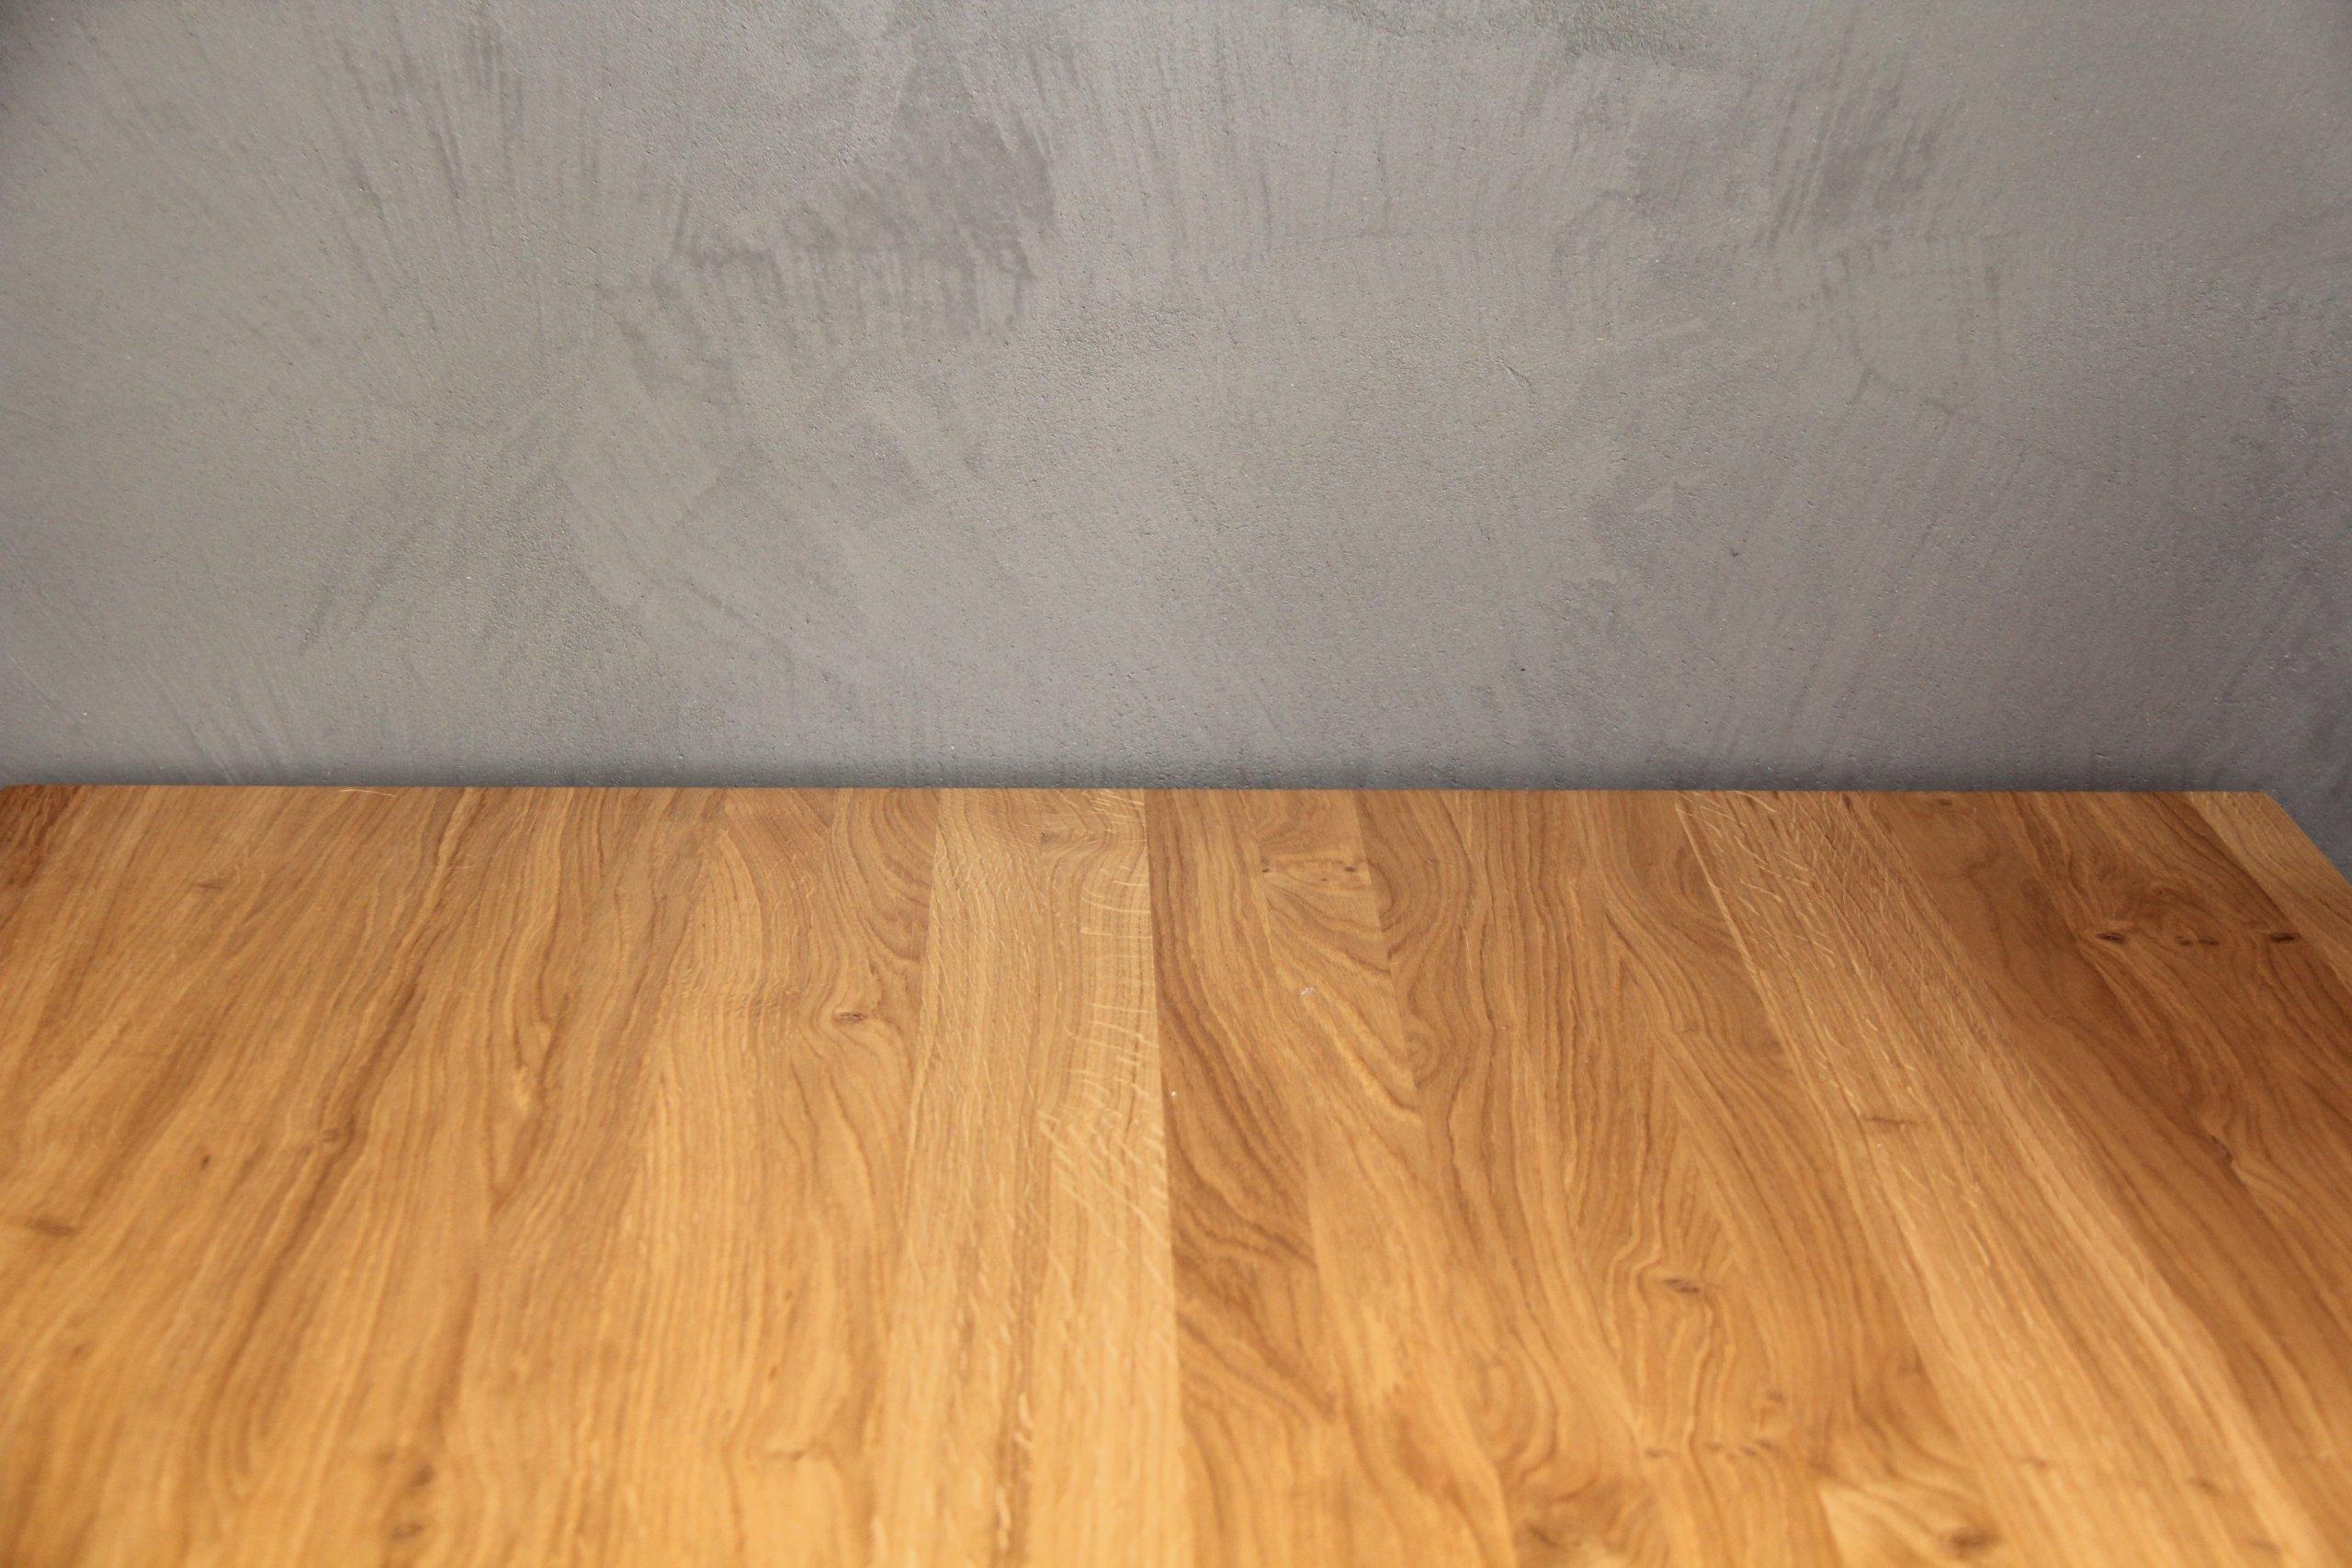 Interiér pro mladý pár v kombinaci dřevo - beton    -Akce: Rodinný dům Liberec  -Realizace betonových povrchů, vinylové krytiny, dveří, schodiště a…